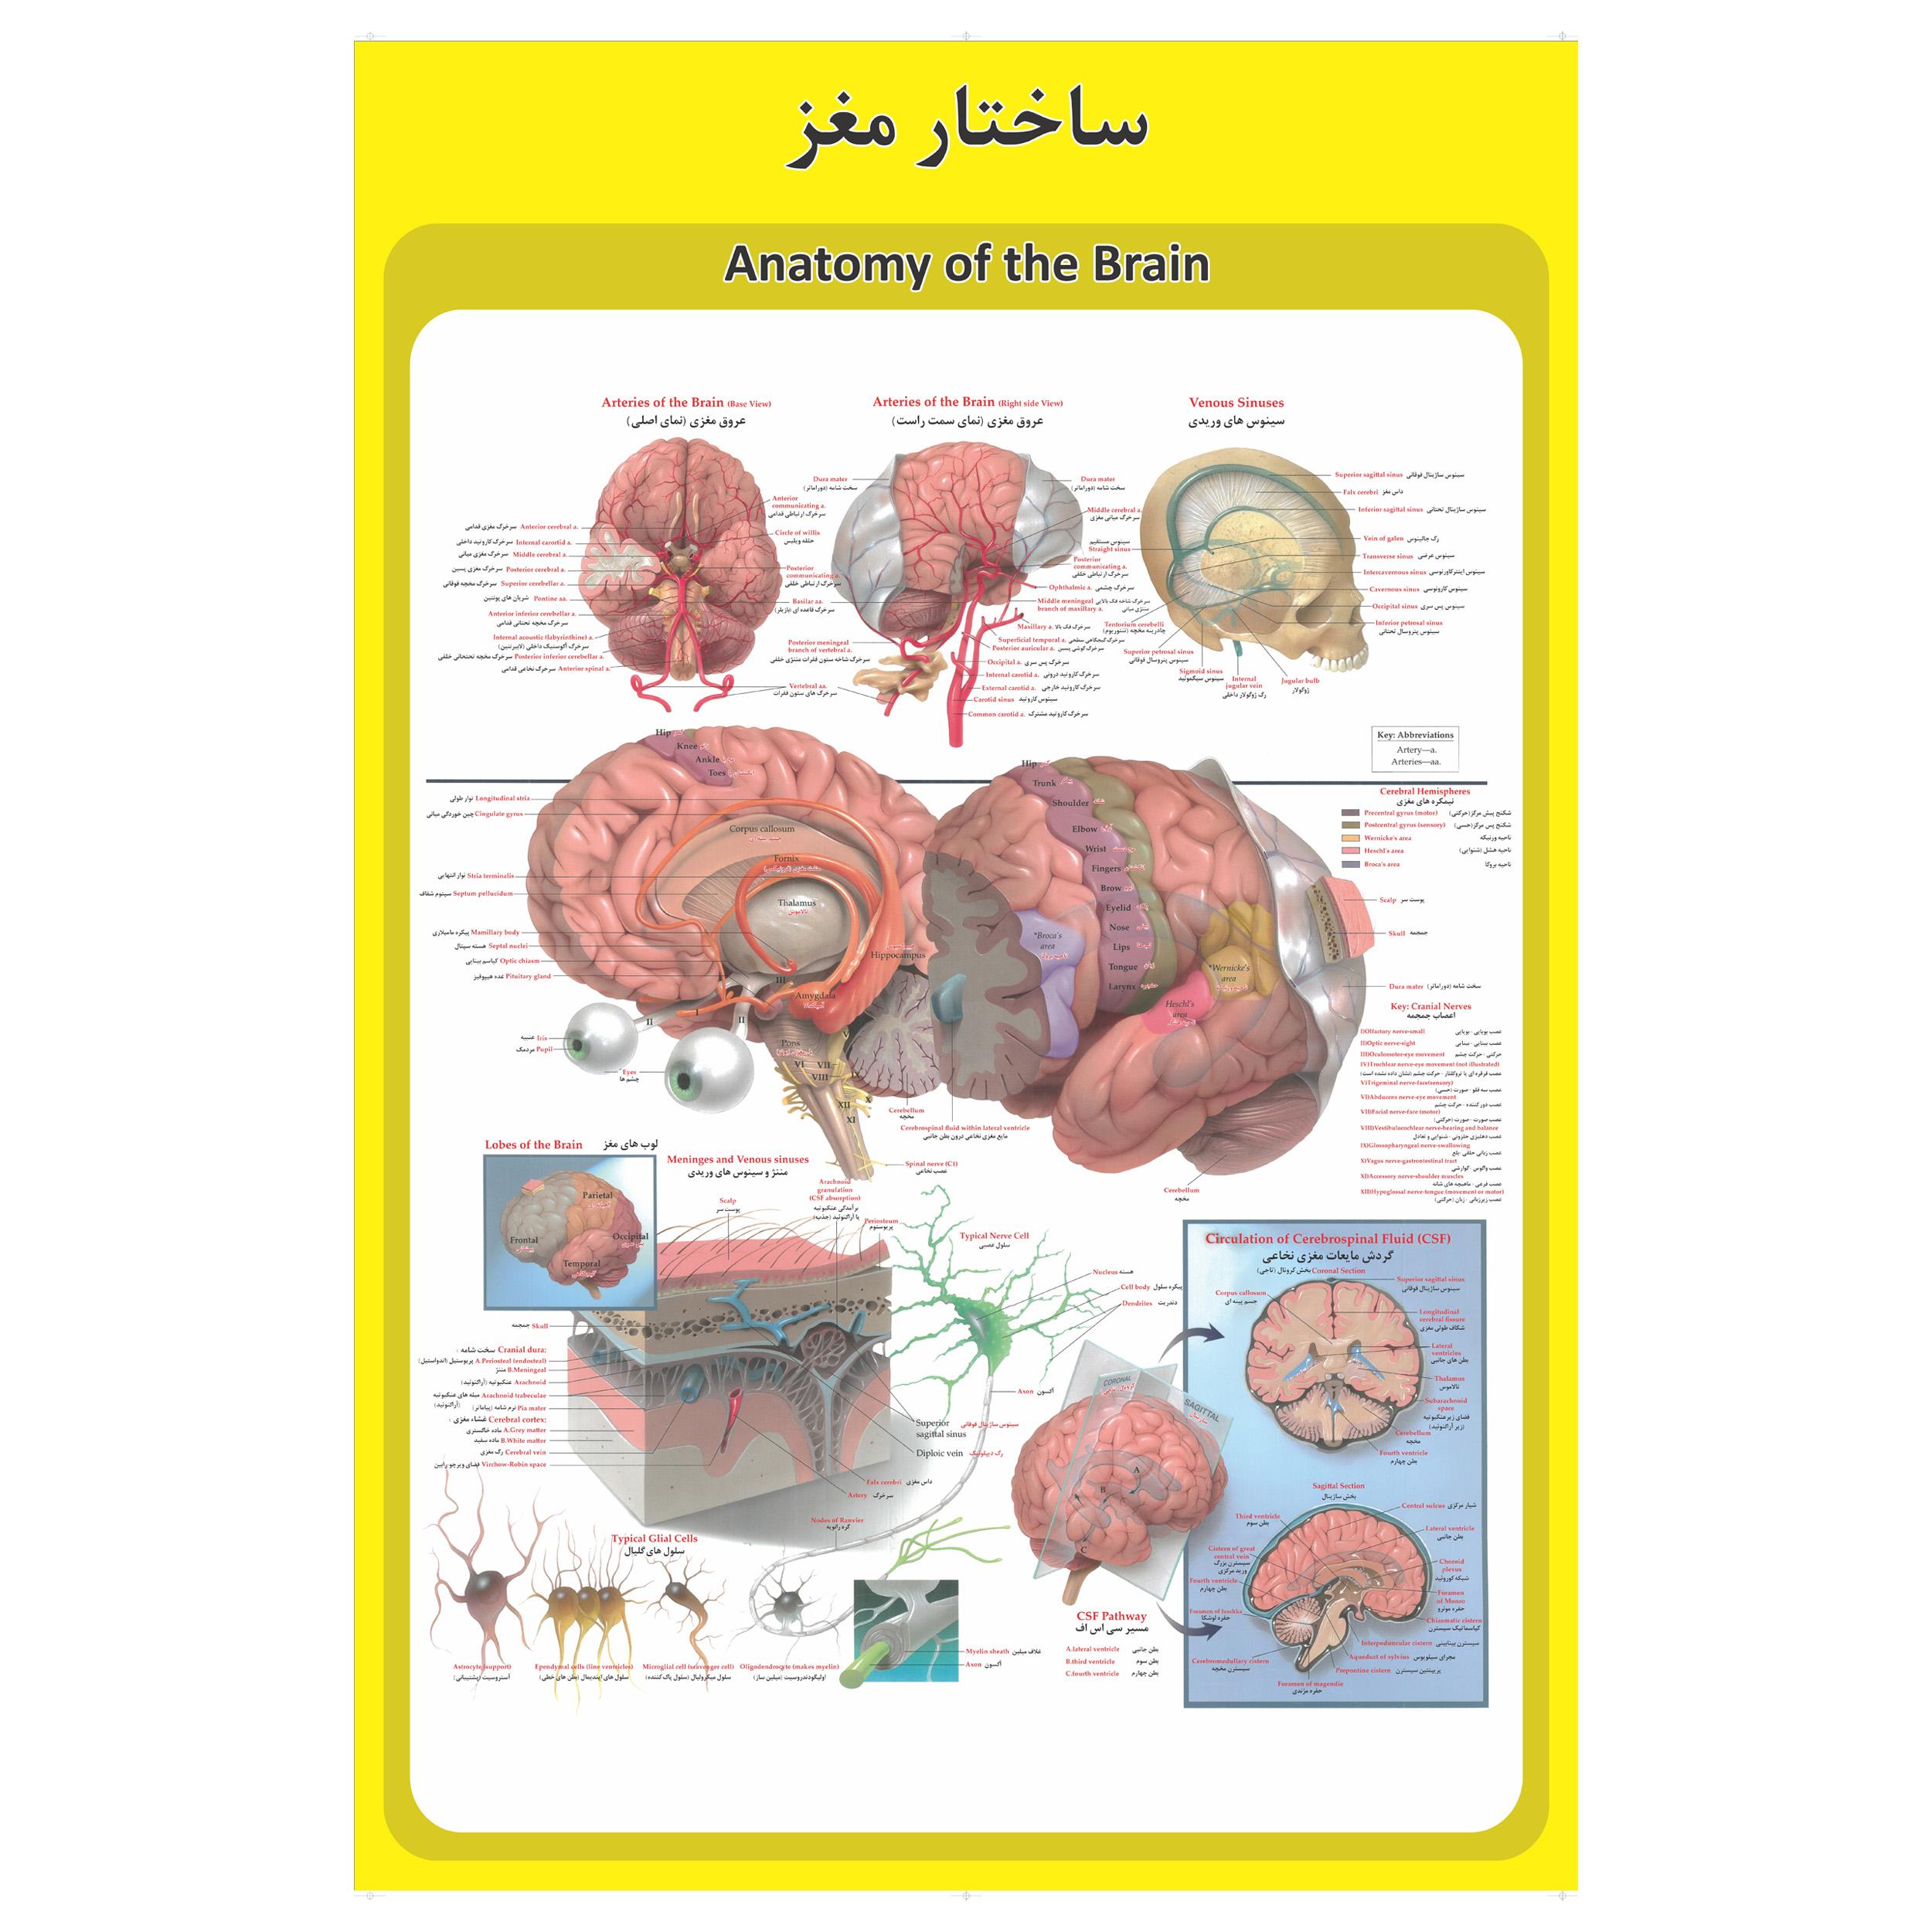 پوستر آموزشی طرح آناتومی مغز انسان